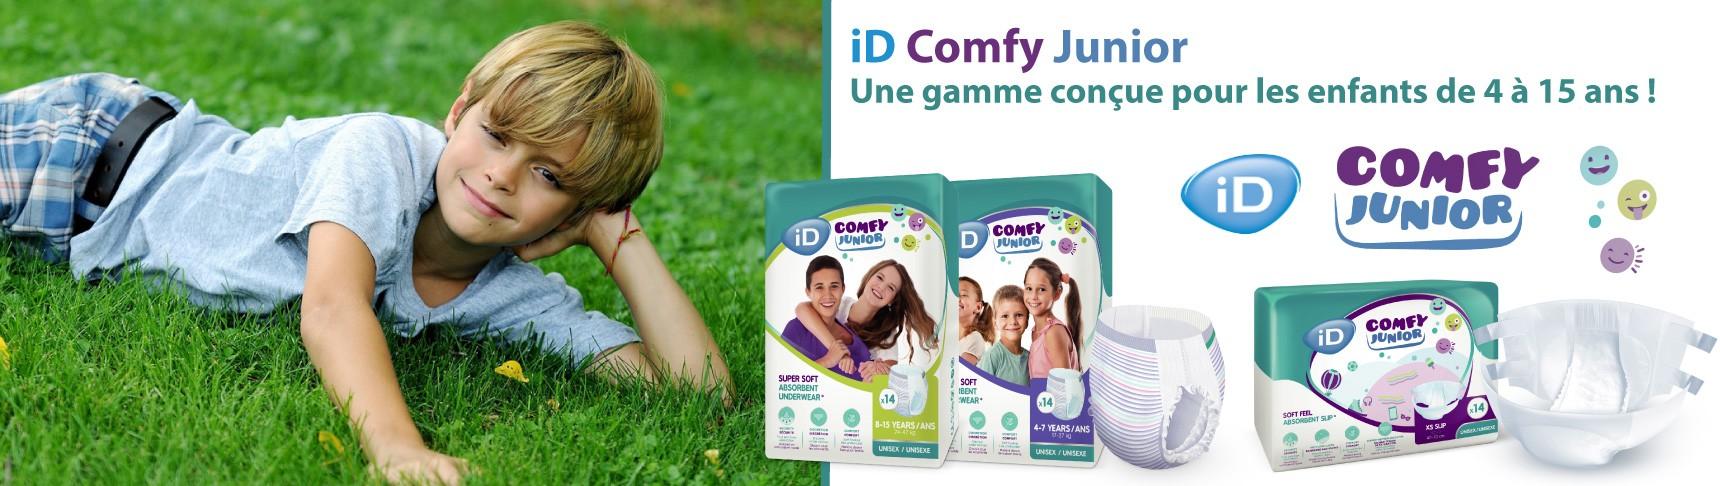 ID COMFY JUNIOR, les protections pour enfants